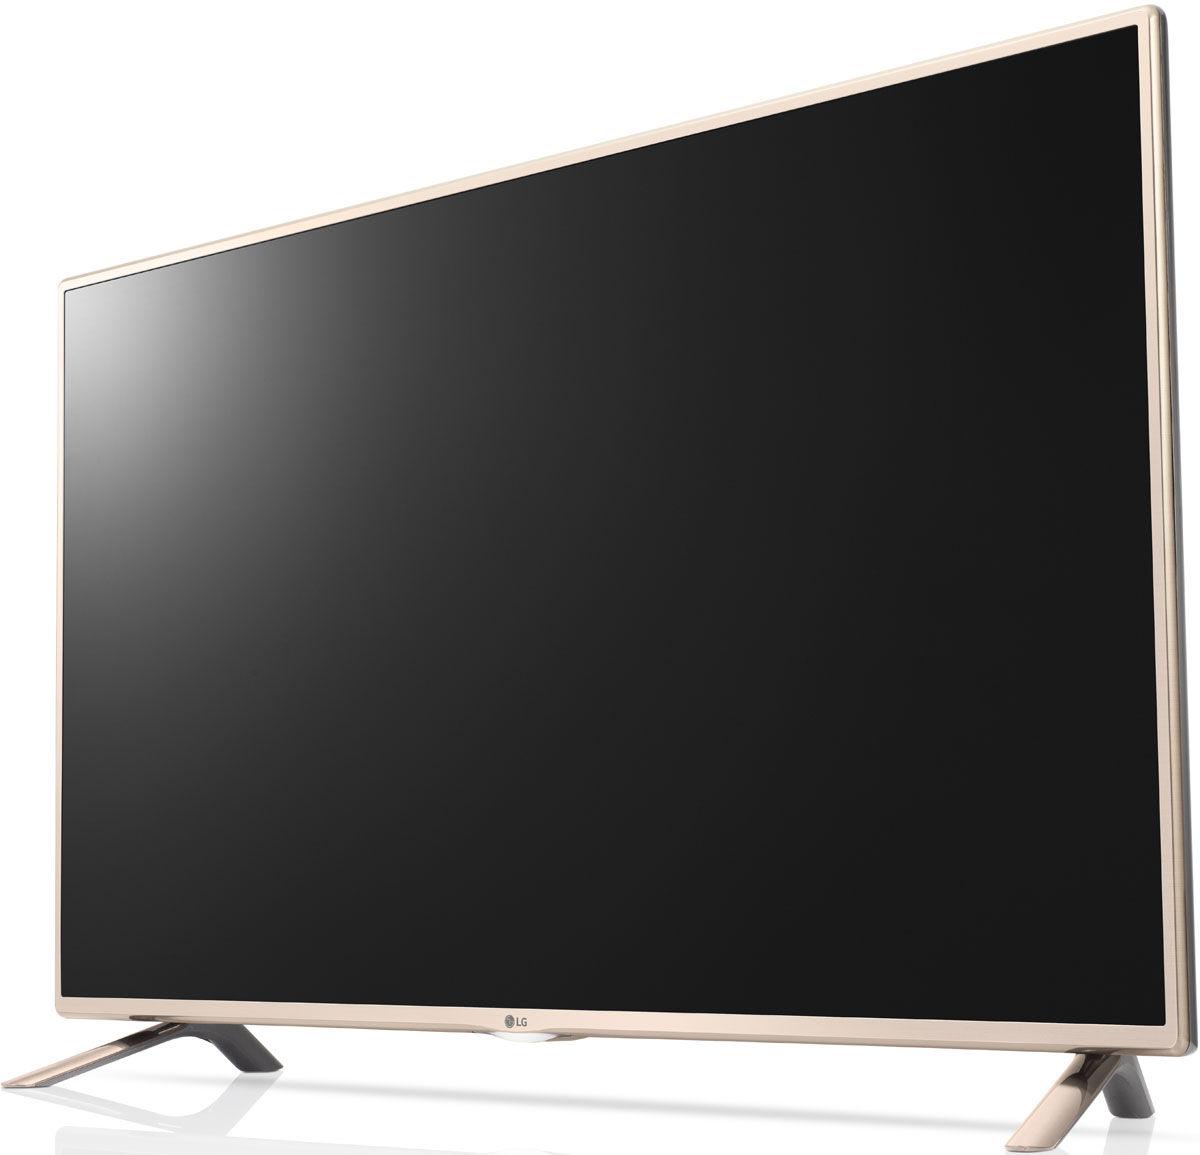 telewizor do firmy ranking